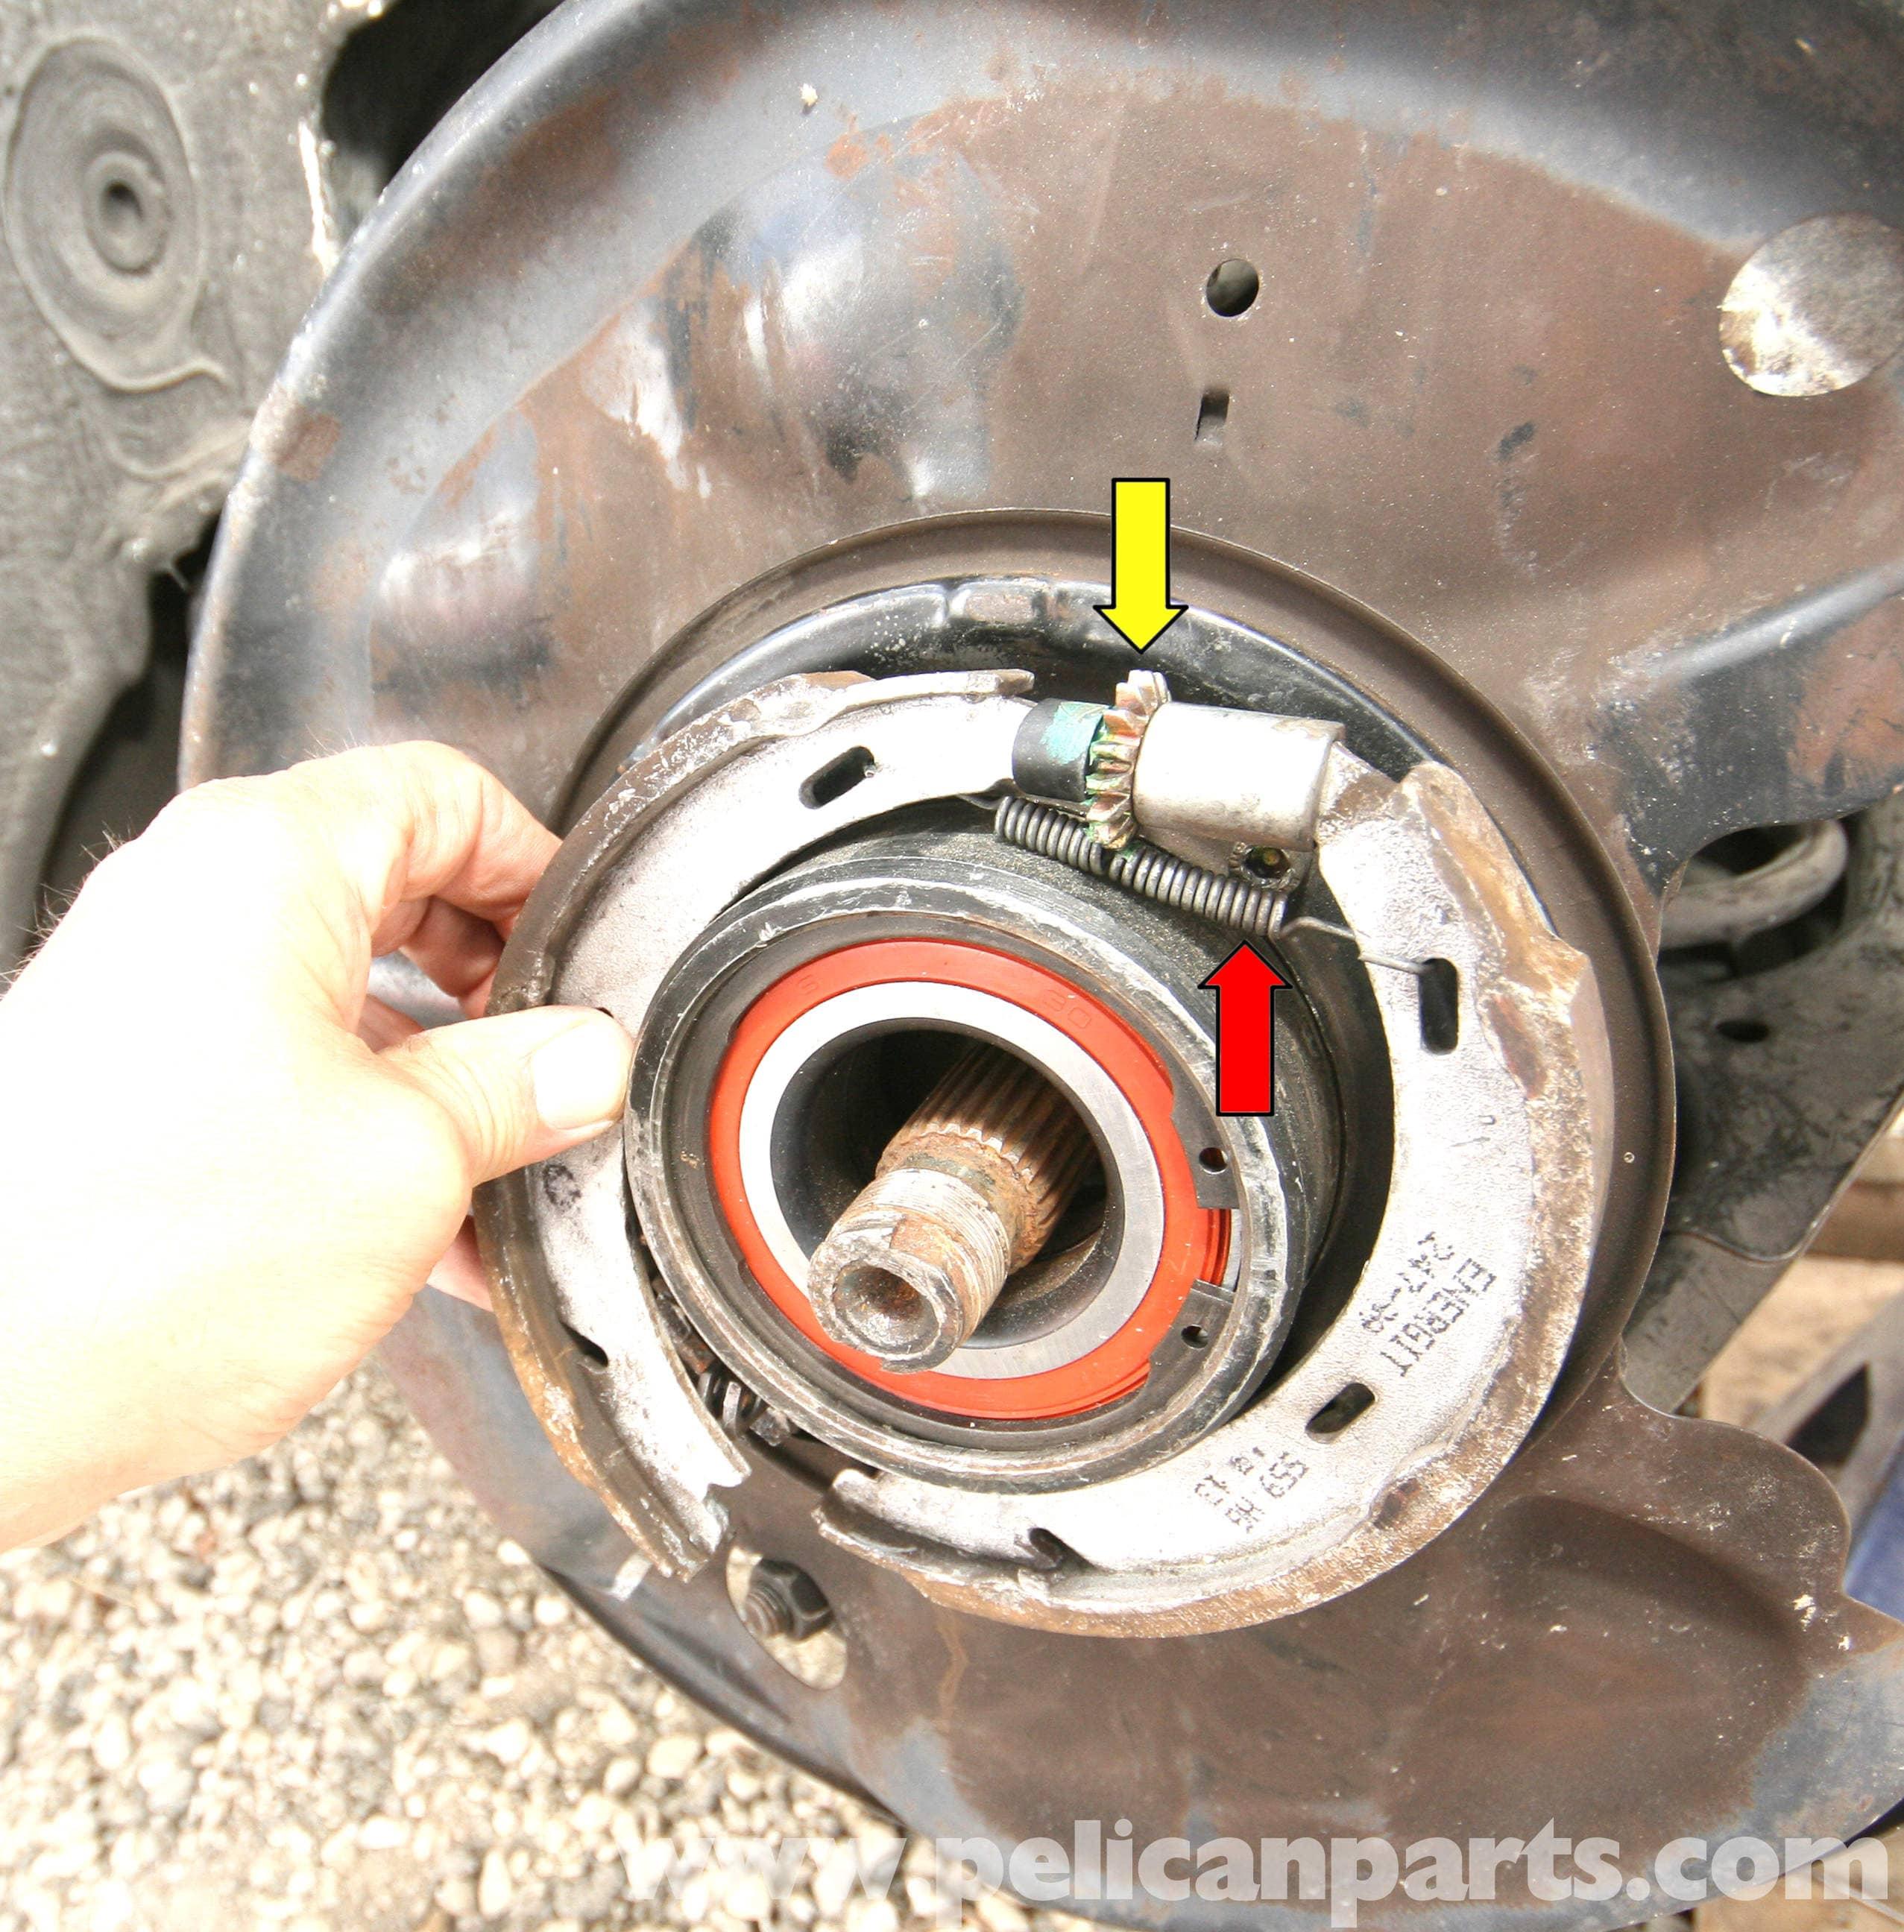 Mercedes benz slk 230 parking brake shoe replacement for Mercedes benz brake tools